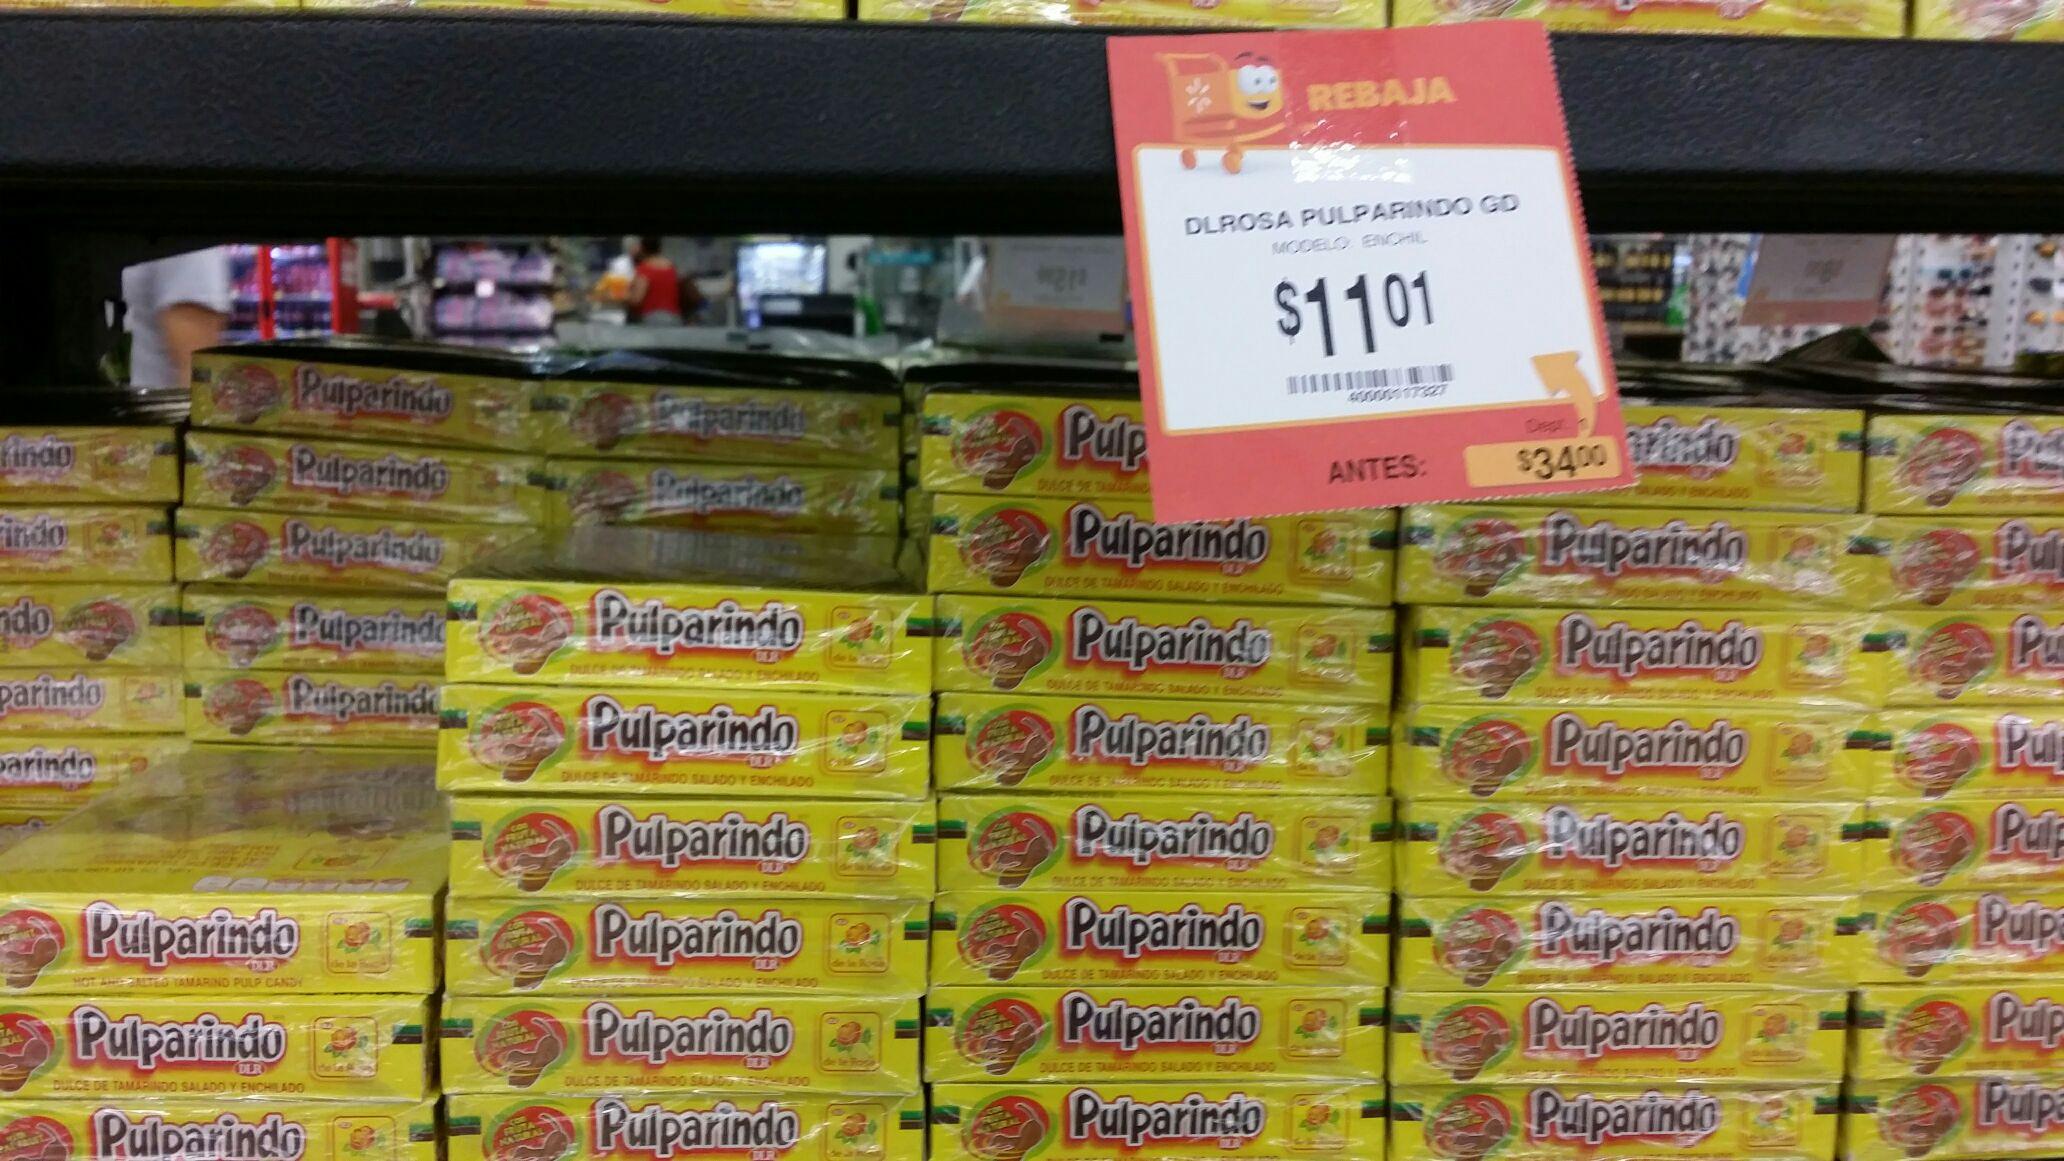 Walmart: Dulces pulparindo $11.01 y pelon pelorico $16